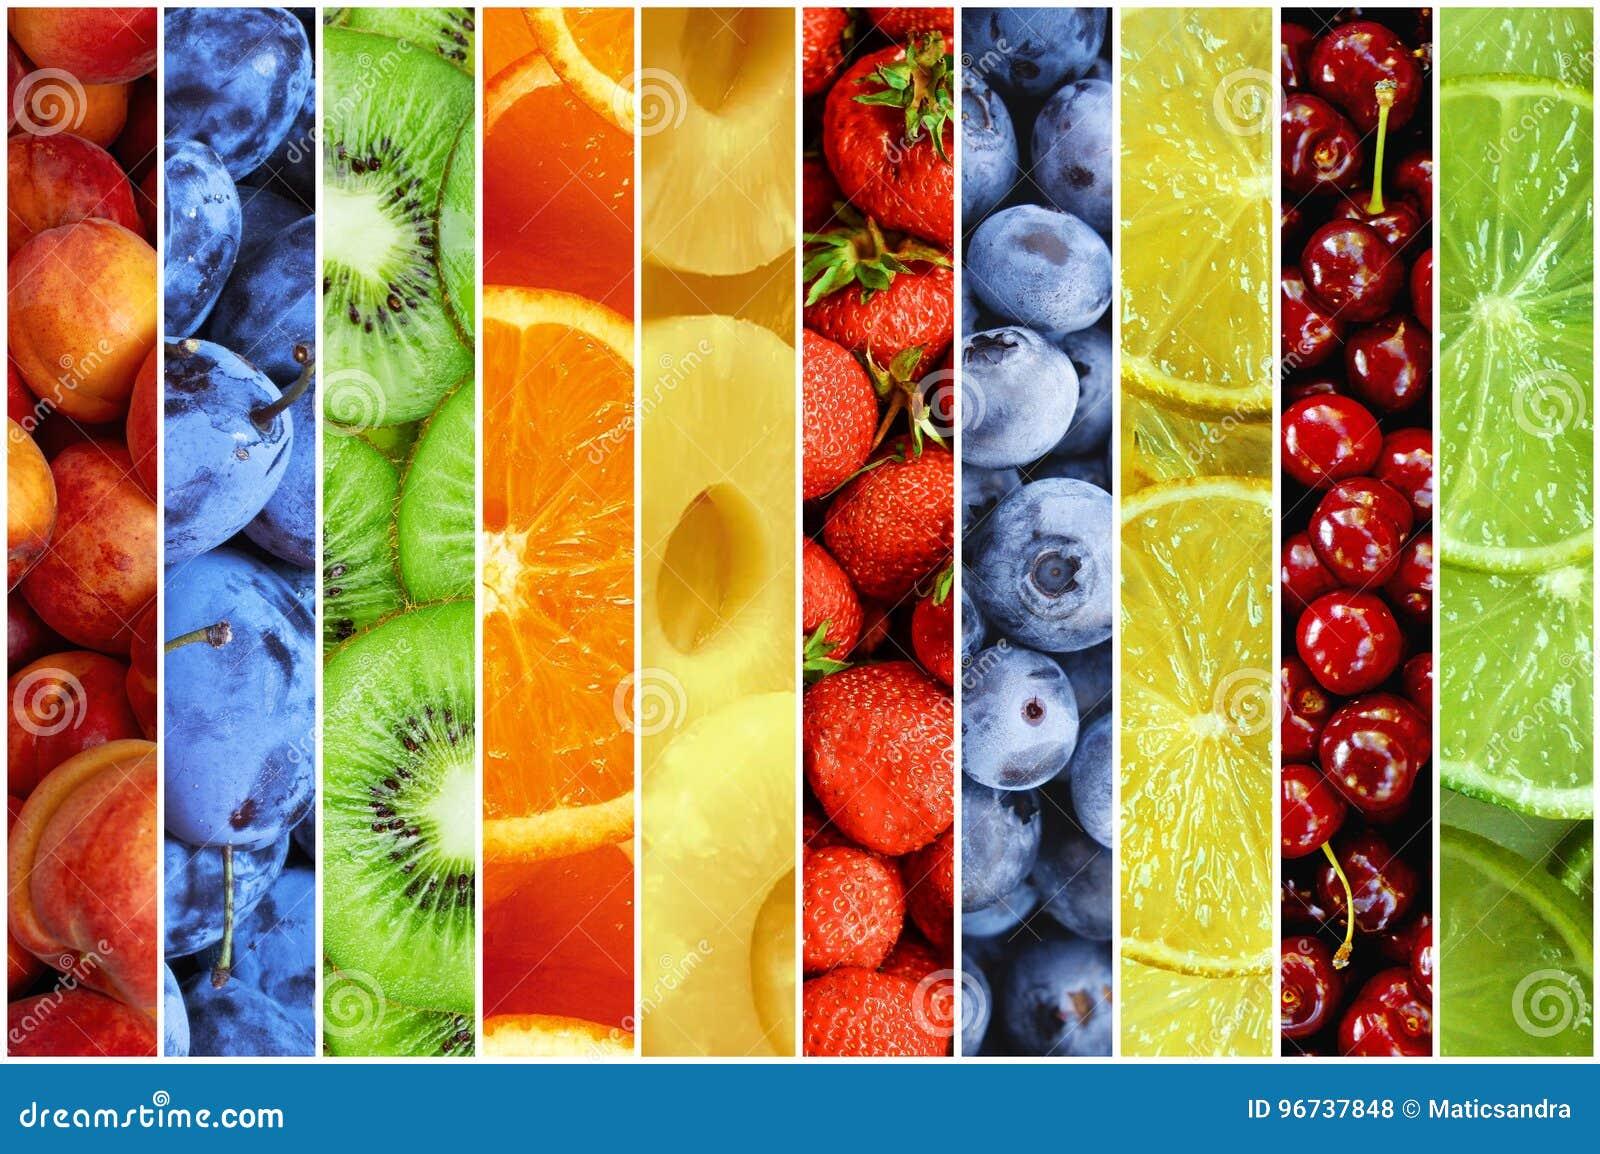 新鲜的夏天果子拼贴画以垂直条纹的形式